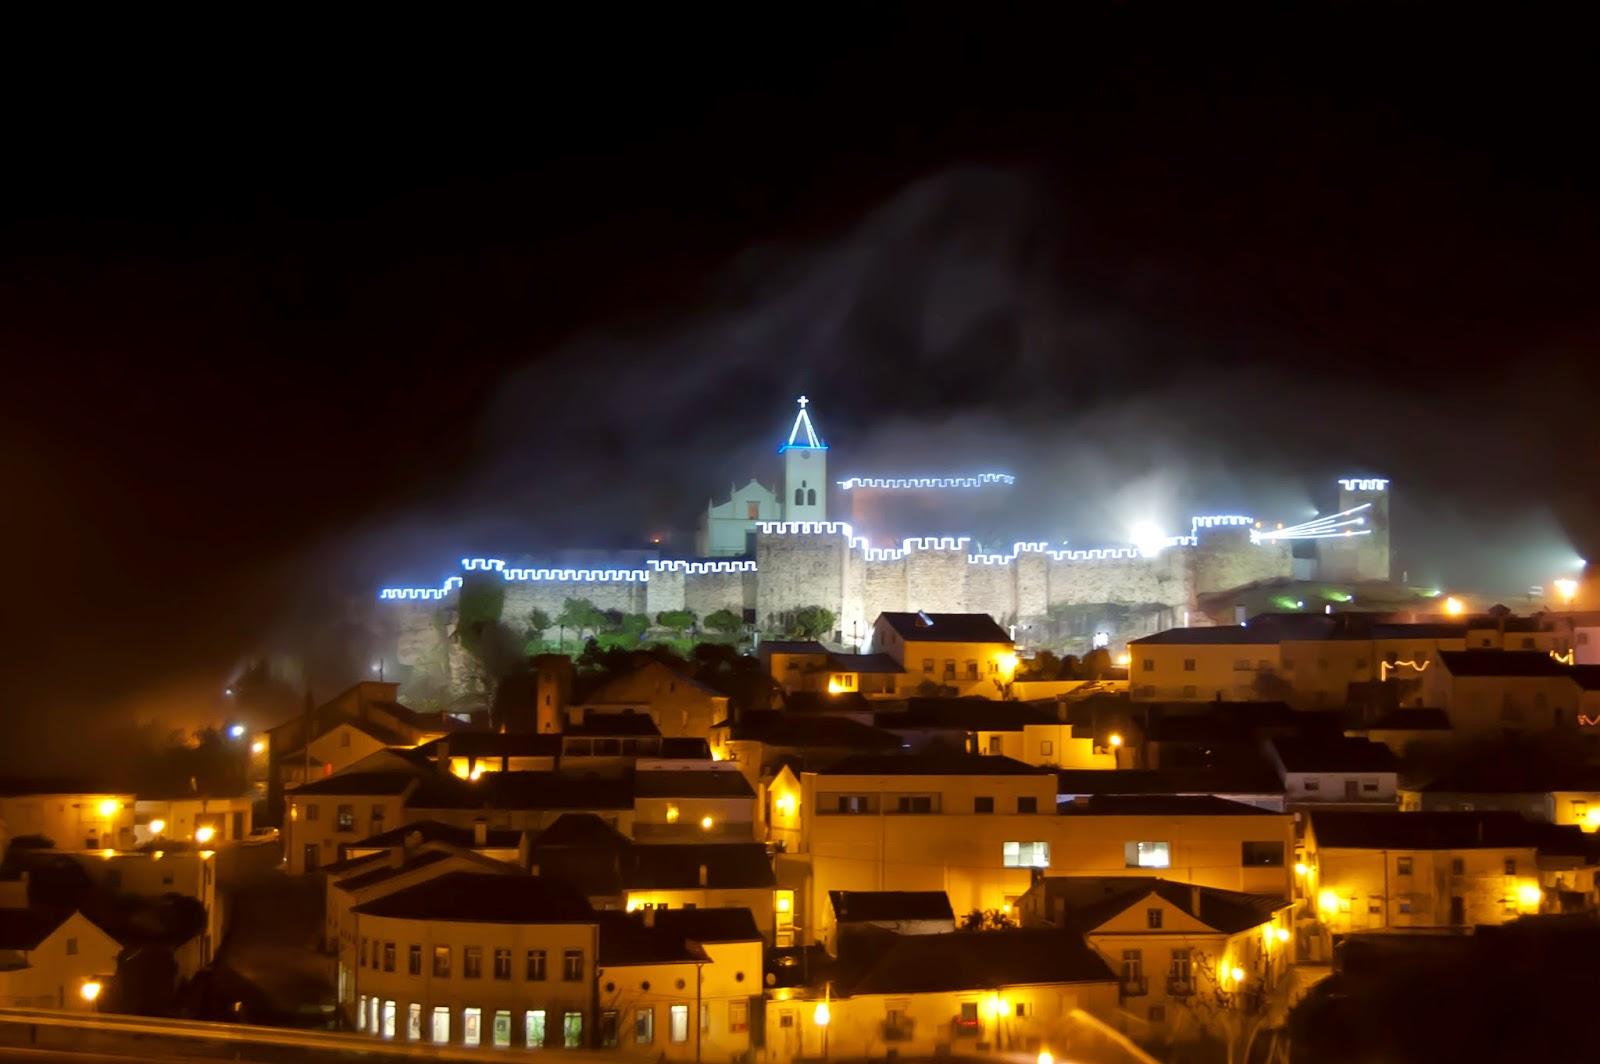 Assalto ao castelo de Penela: PENELA-Vila do distrito de